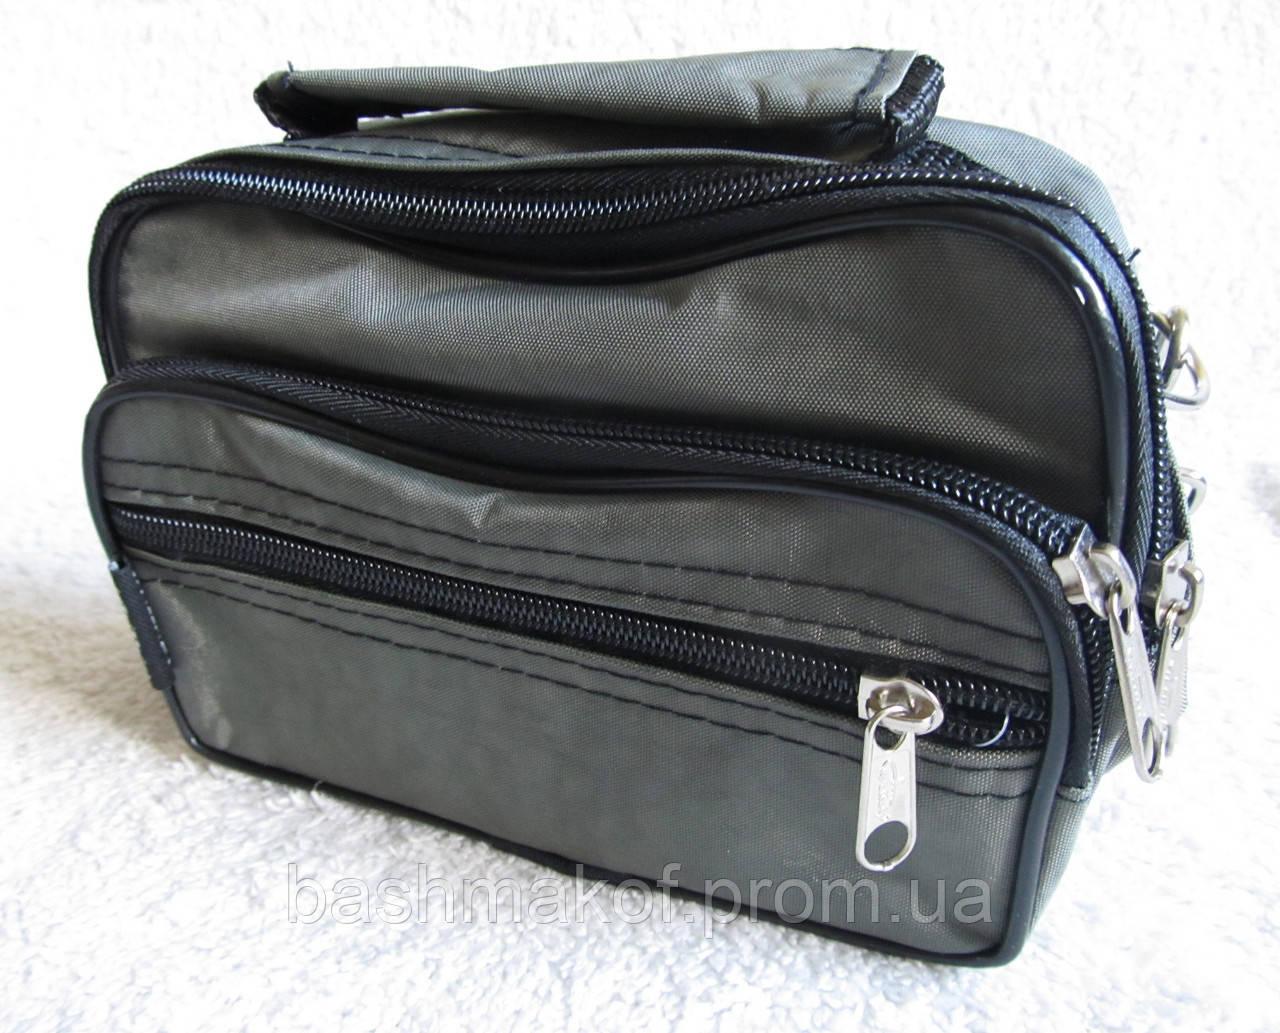 bd595372b576 Мужская сумка Wallaby 2663 хаки барсетка через плечо на пояс 19х14х7см